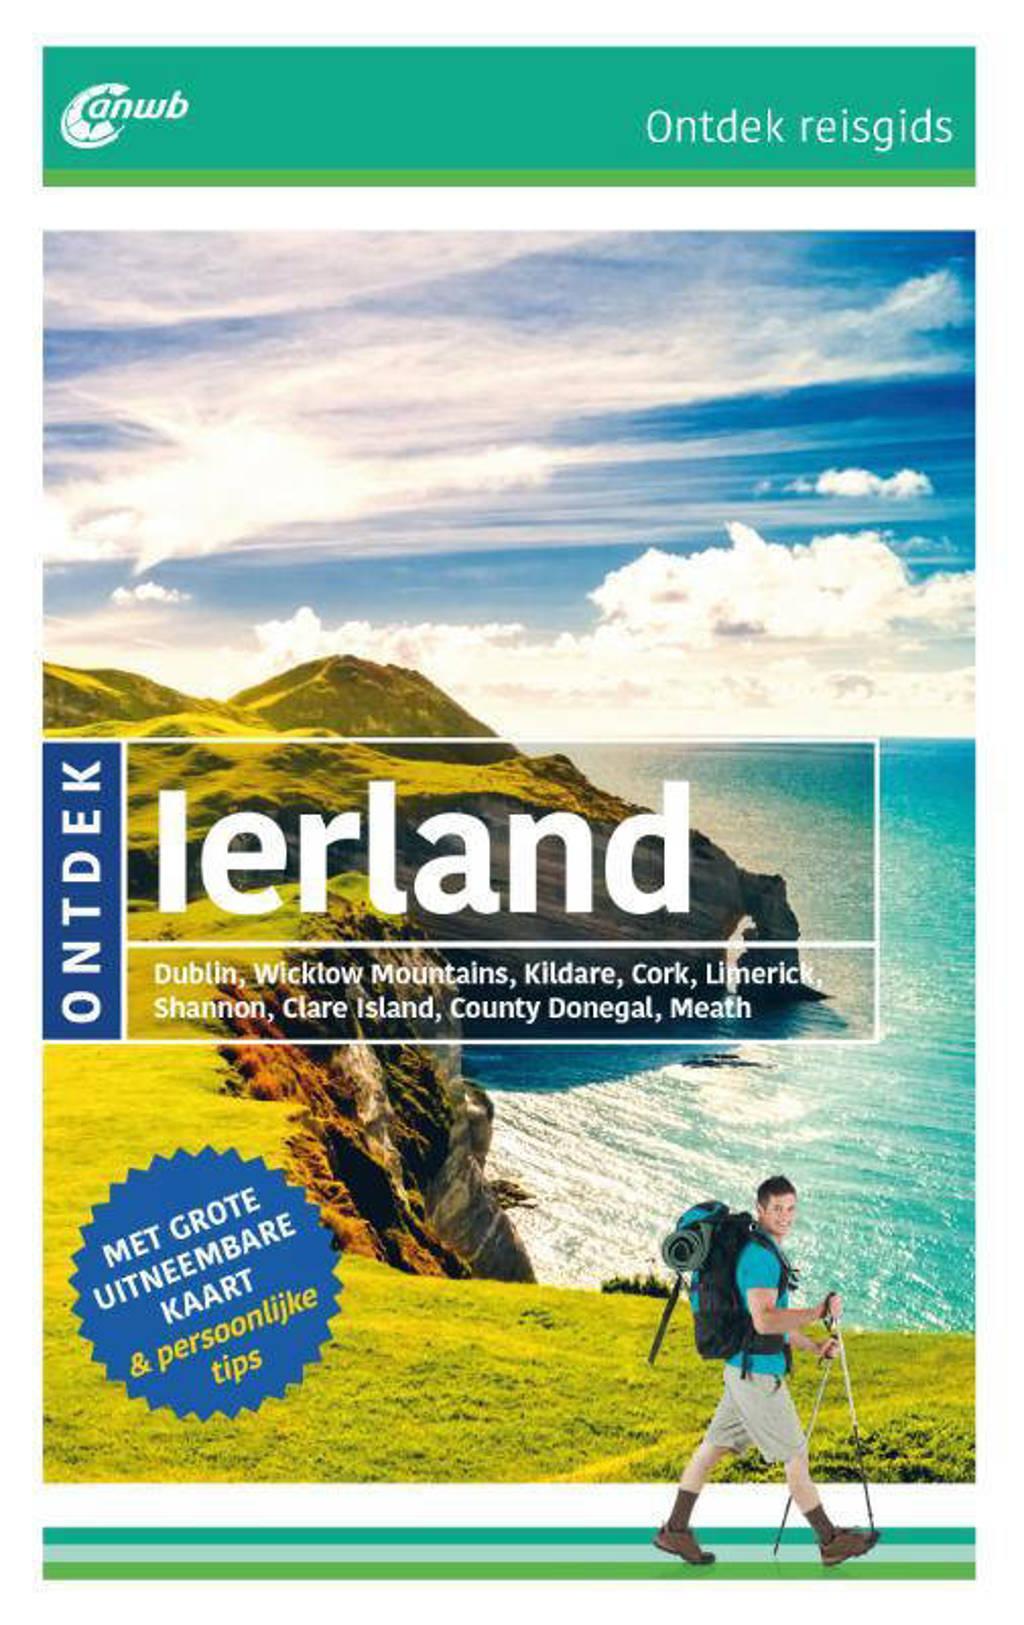 Ontdek reisgids: Ontdek Ierland - Susanne Tschirner